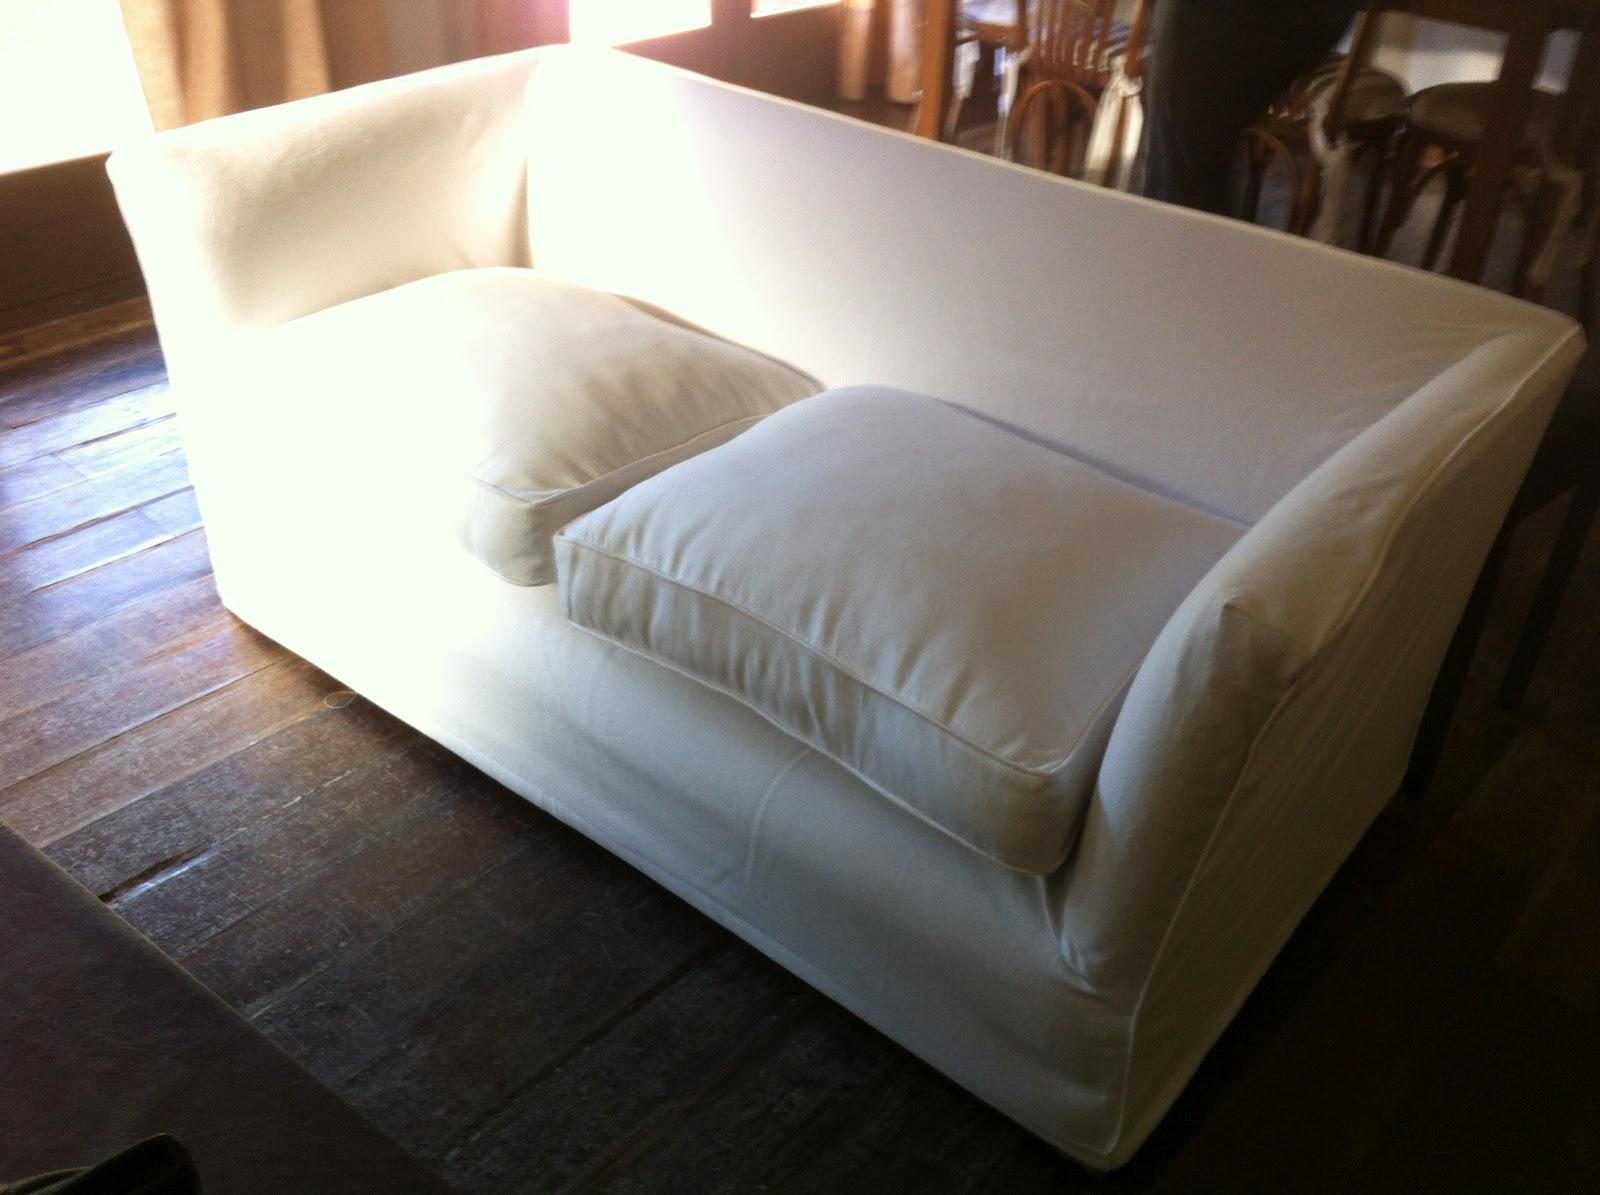 fundas para sofas en lugo leather sofa chairs sale sofás deco marce tienda